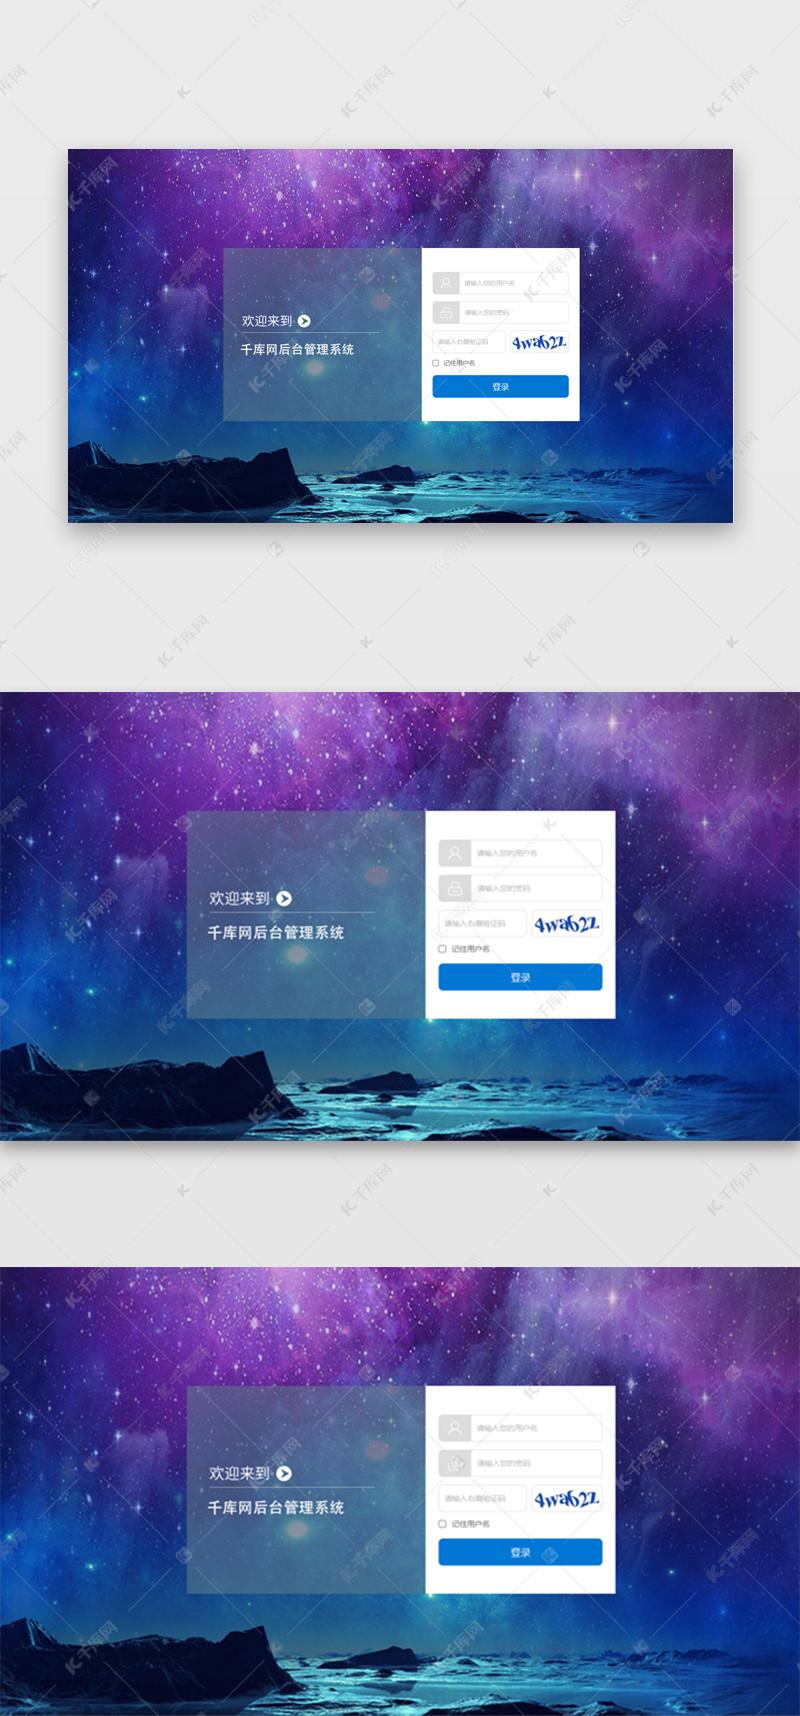 走廊系唯美简约风蓝色管理页面登录后台ui设计公共景观设计-系统图片